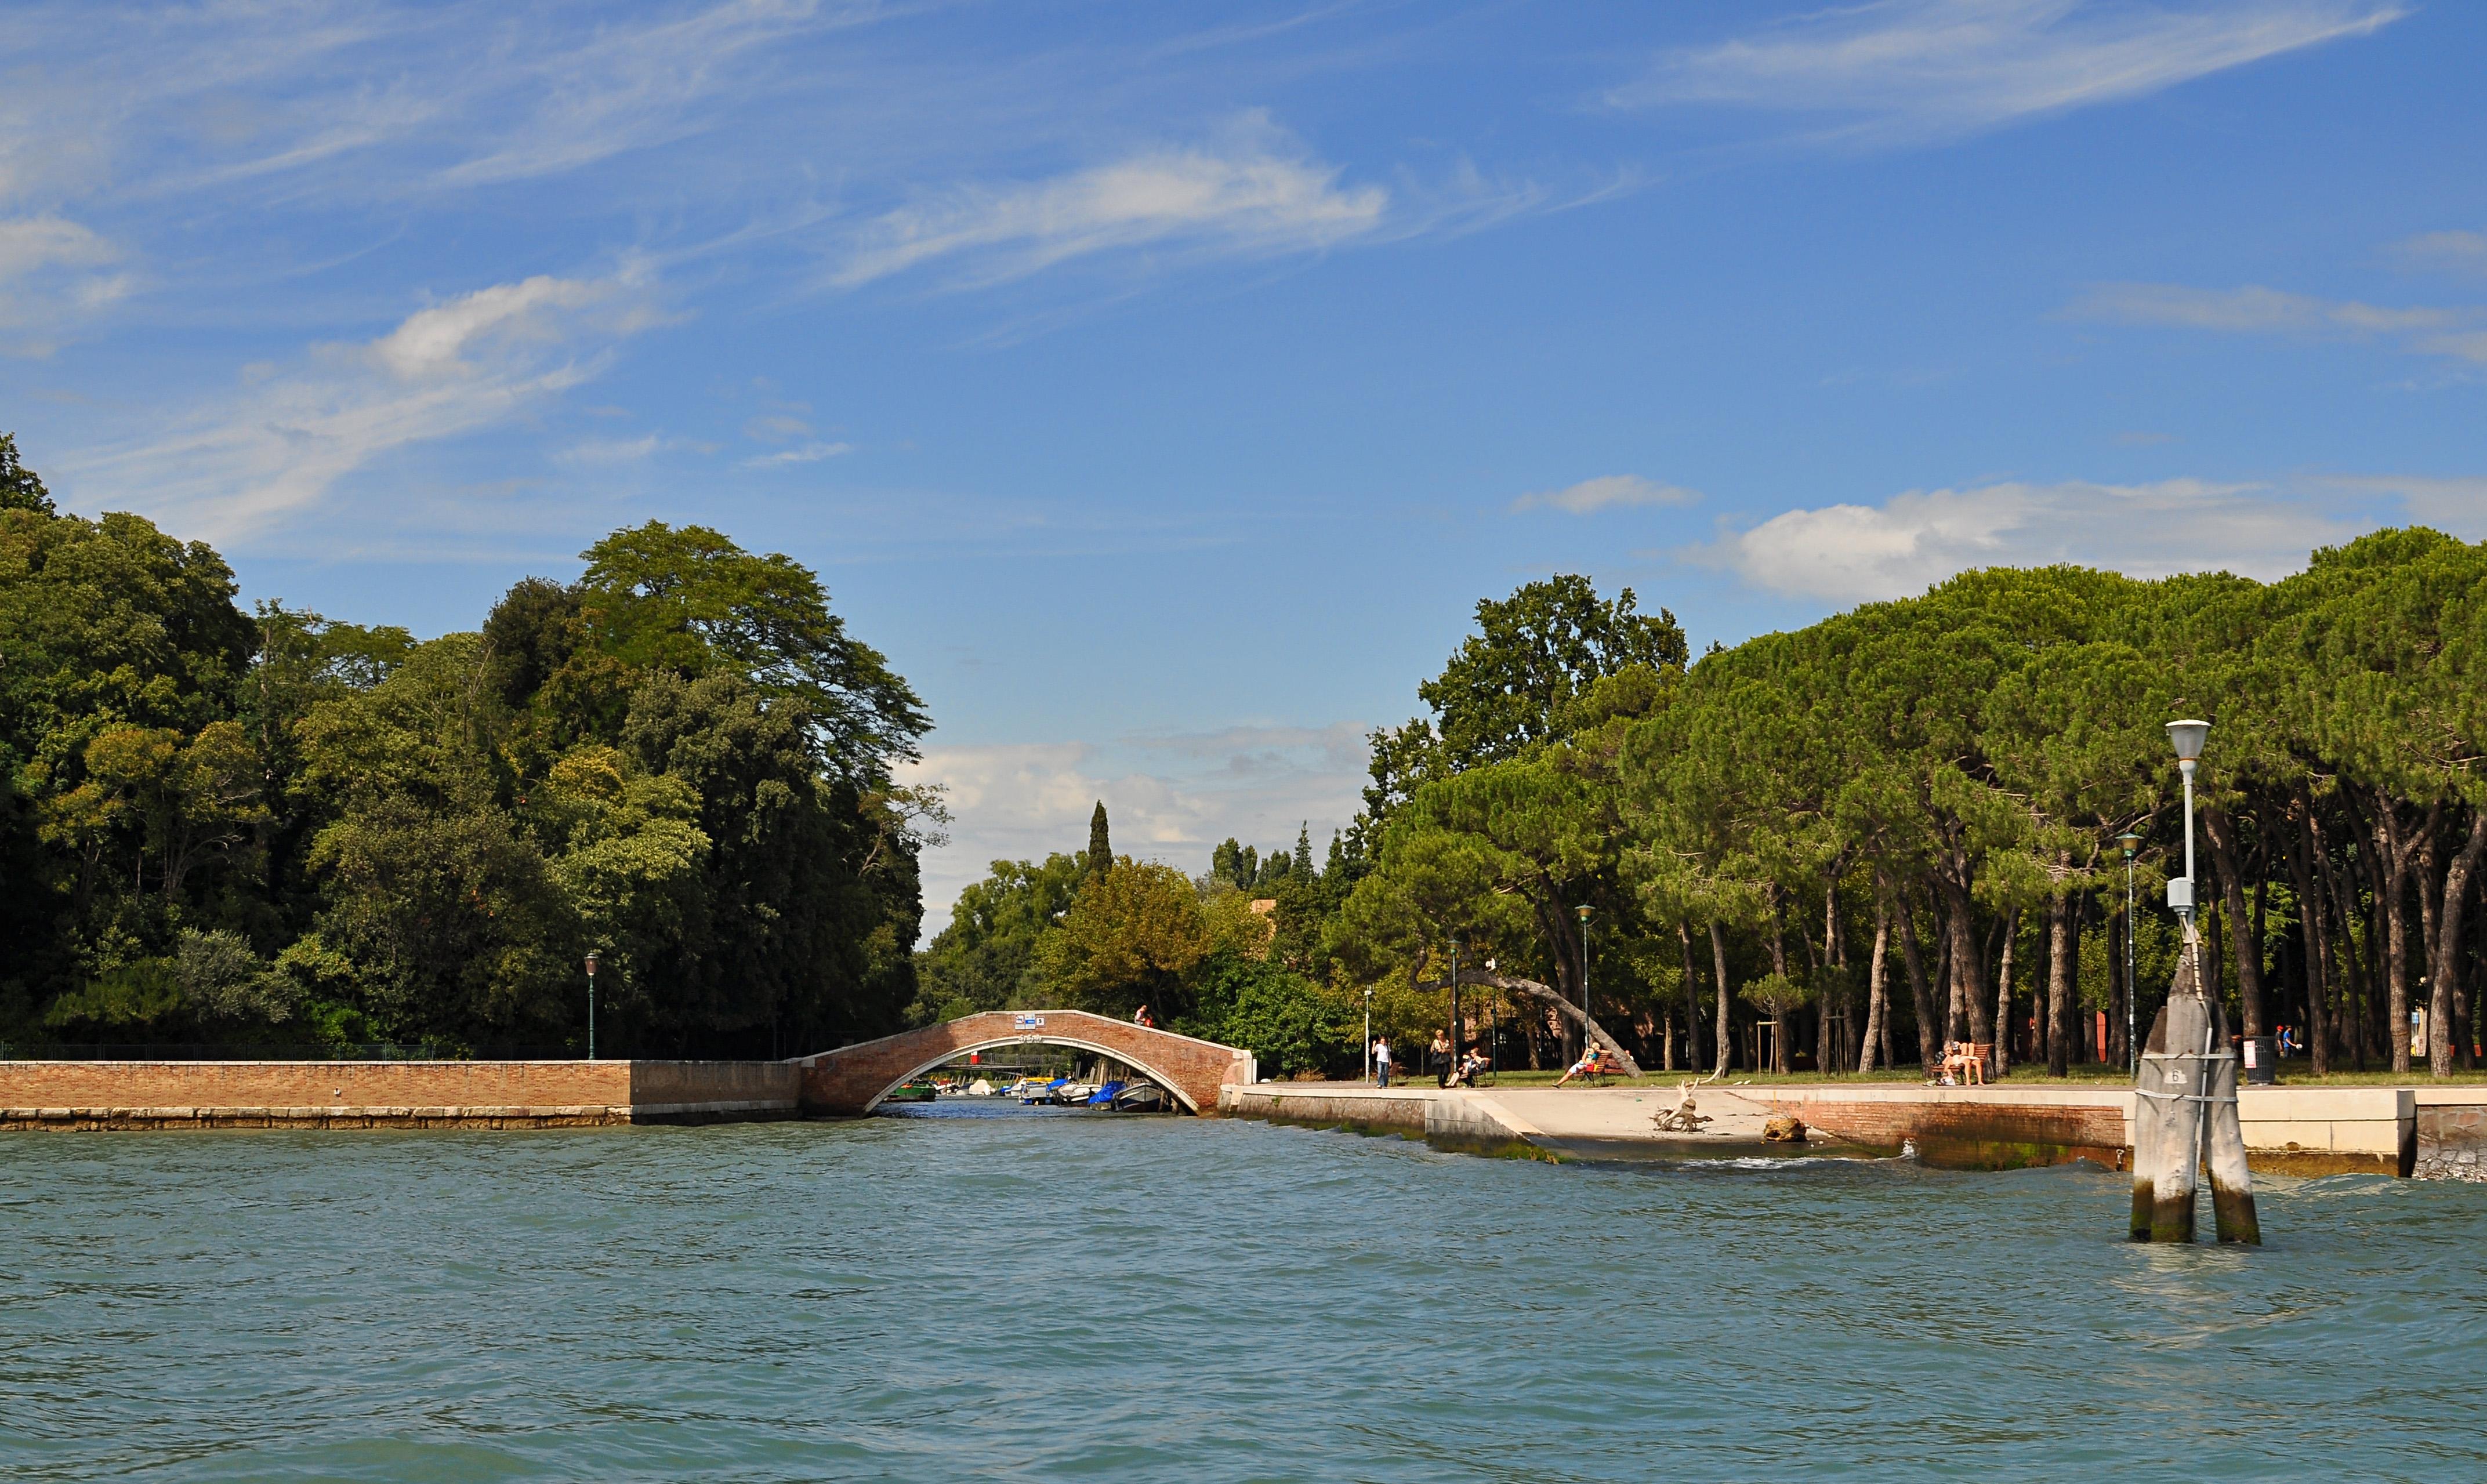 File giardini della biennale venice wikimedia for Artisti biennale venezia